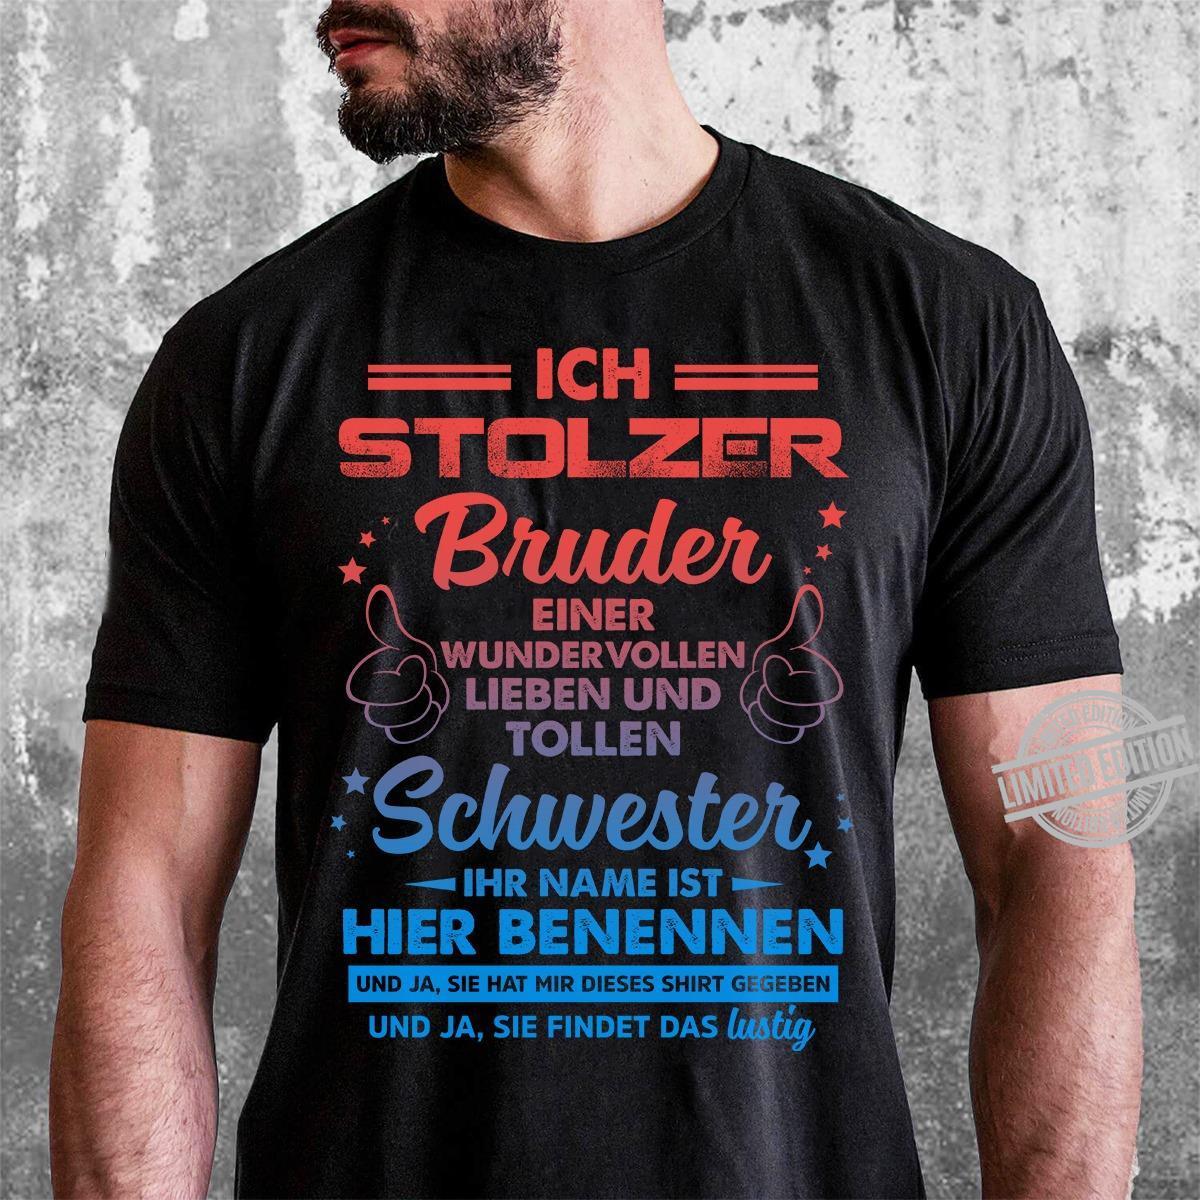 Ich Stolzer Bruder Einer Wunder Vollen Lieben Und Tollen Schwester Hier Benennen Shirt